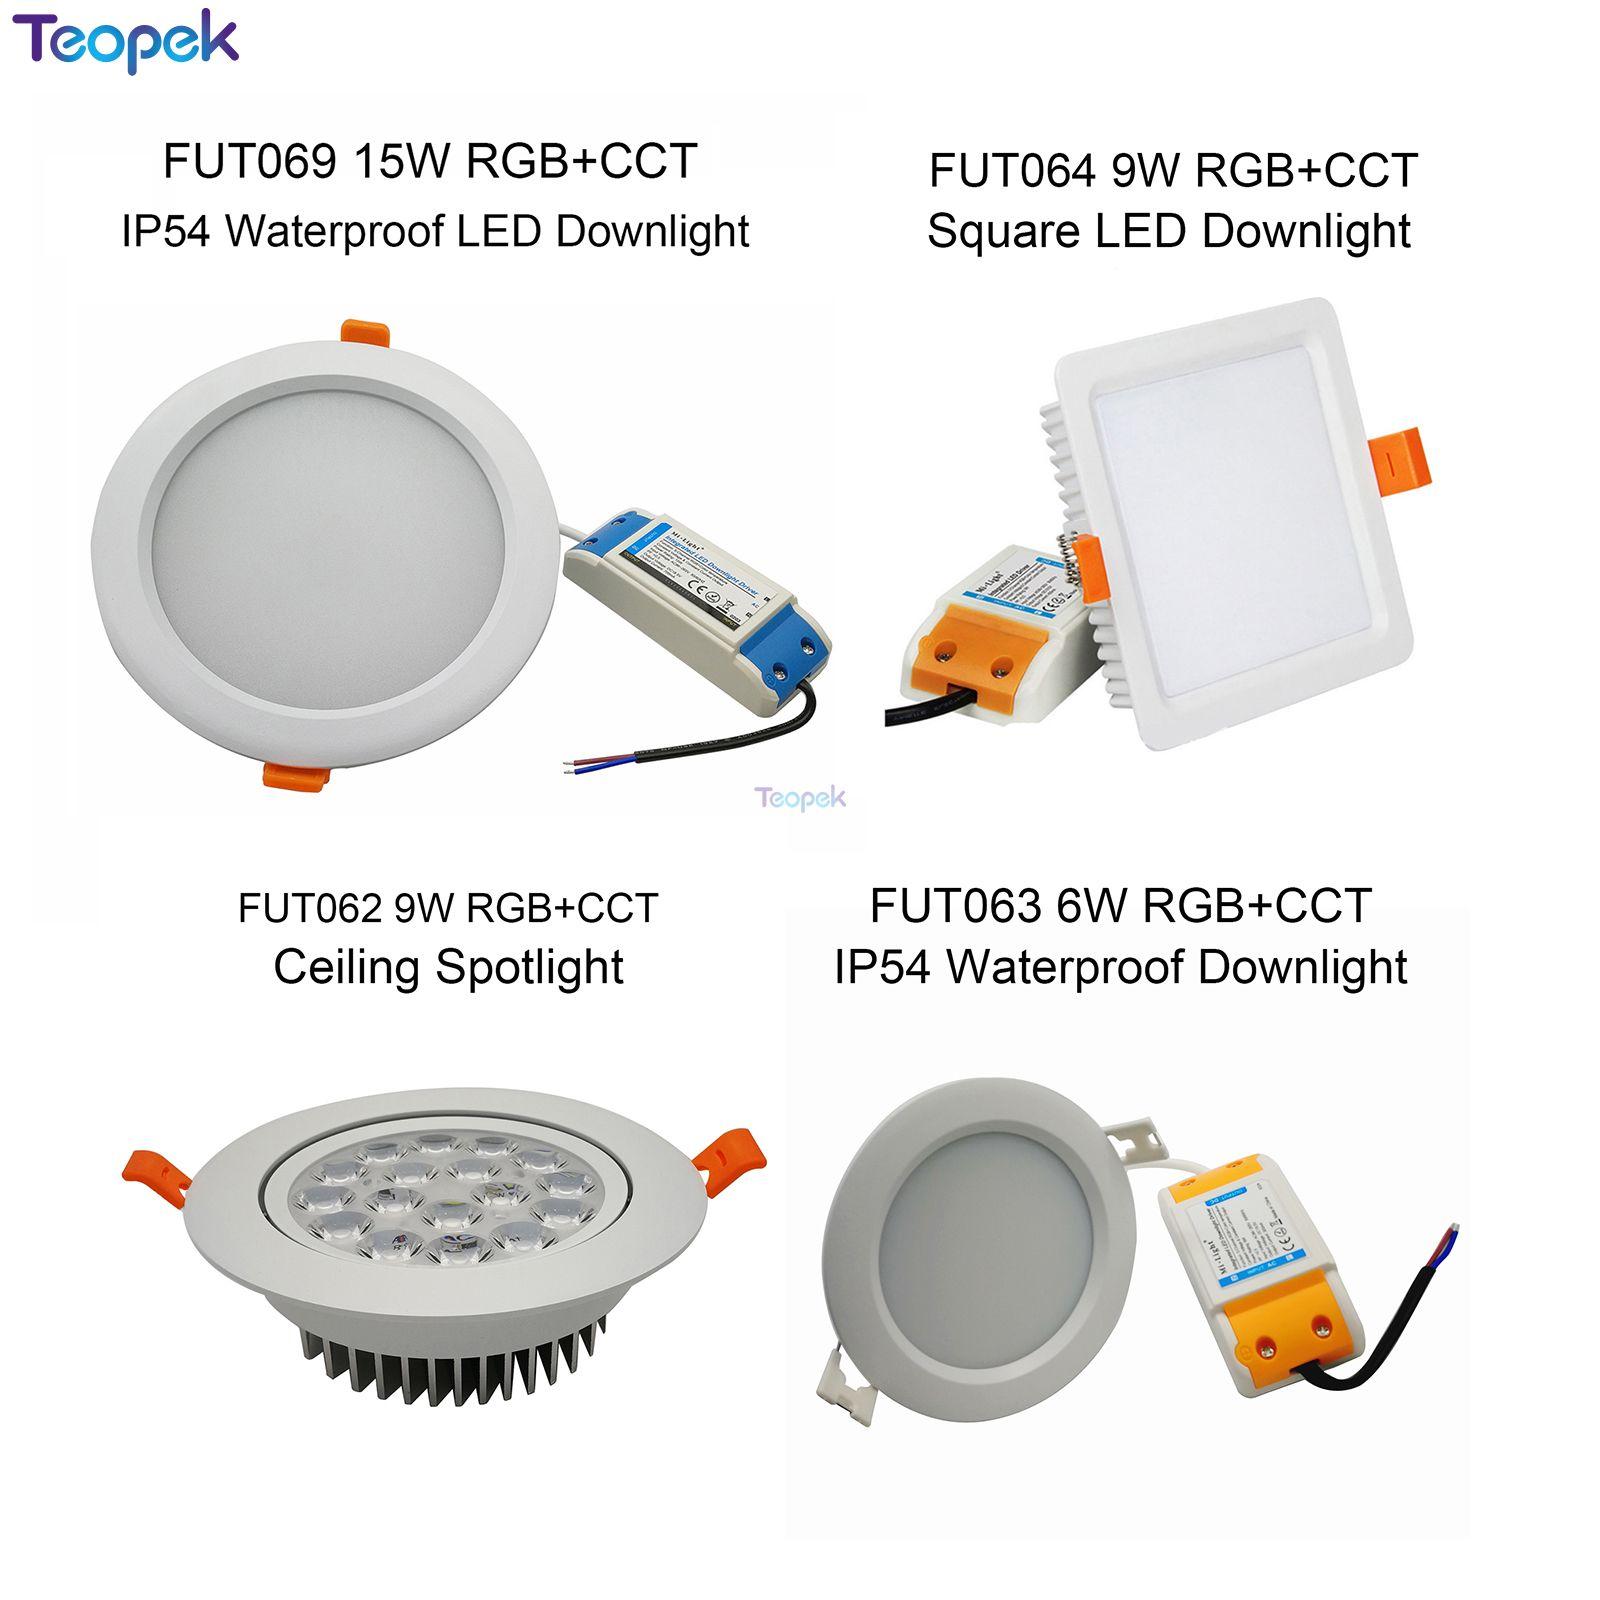 MiBoxer 6W 9W 12W 15W 18W 25W RGB+CCT led Downlight Dimmable Ceiling AC110V 220V FUT062/FUT063/FUT066/FUT068/FUT069 Wifi control